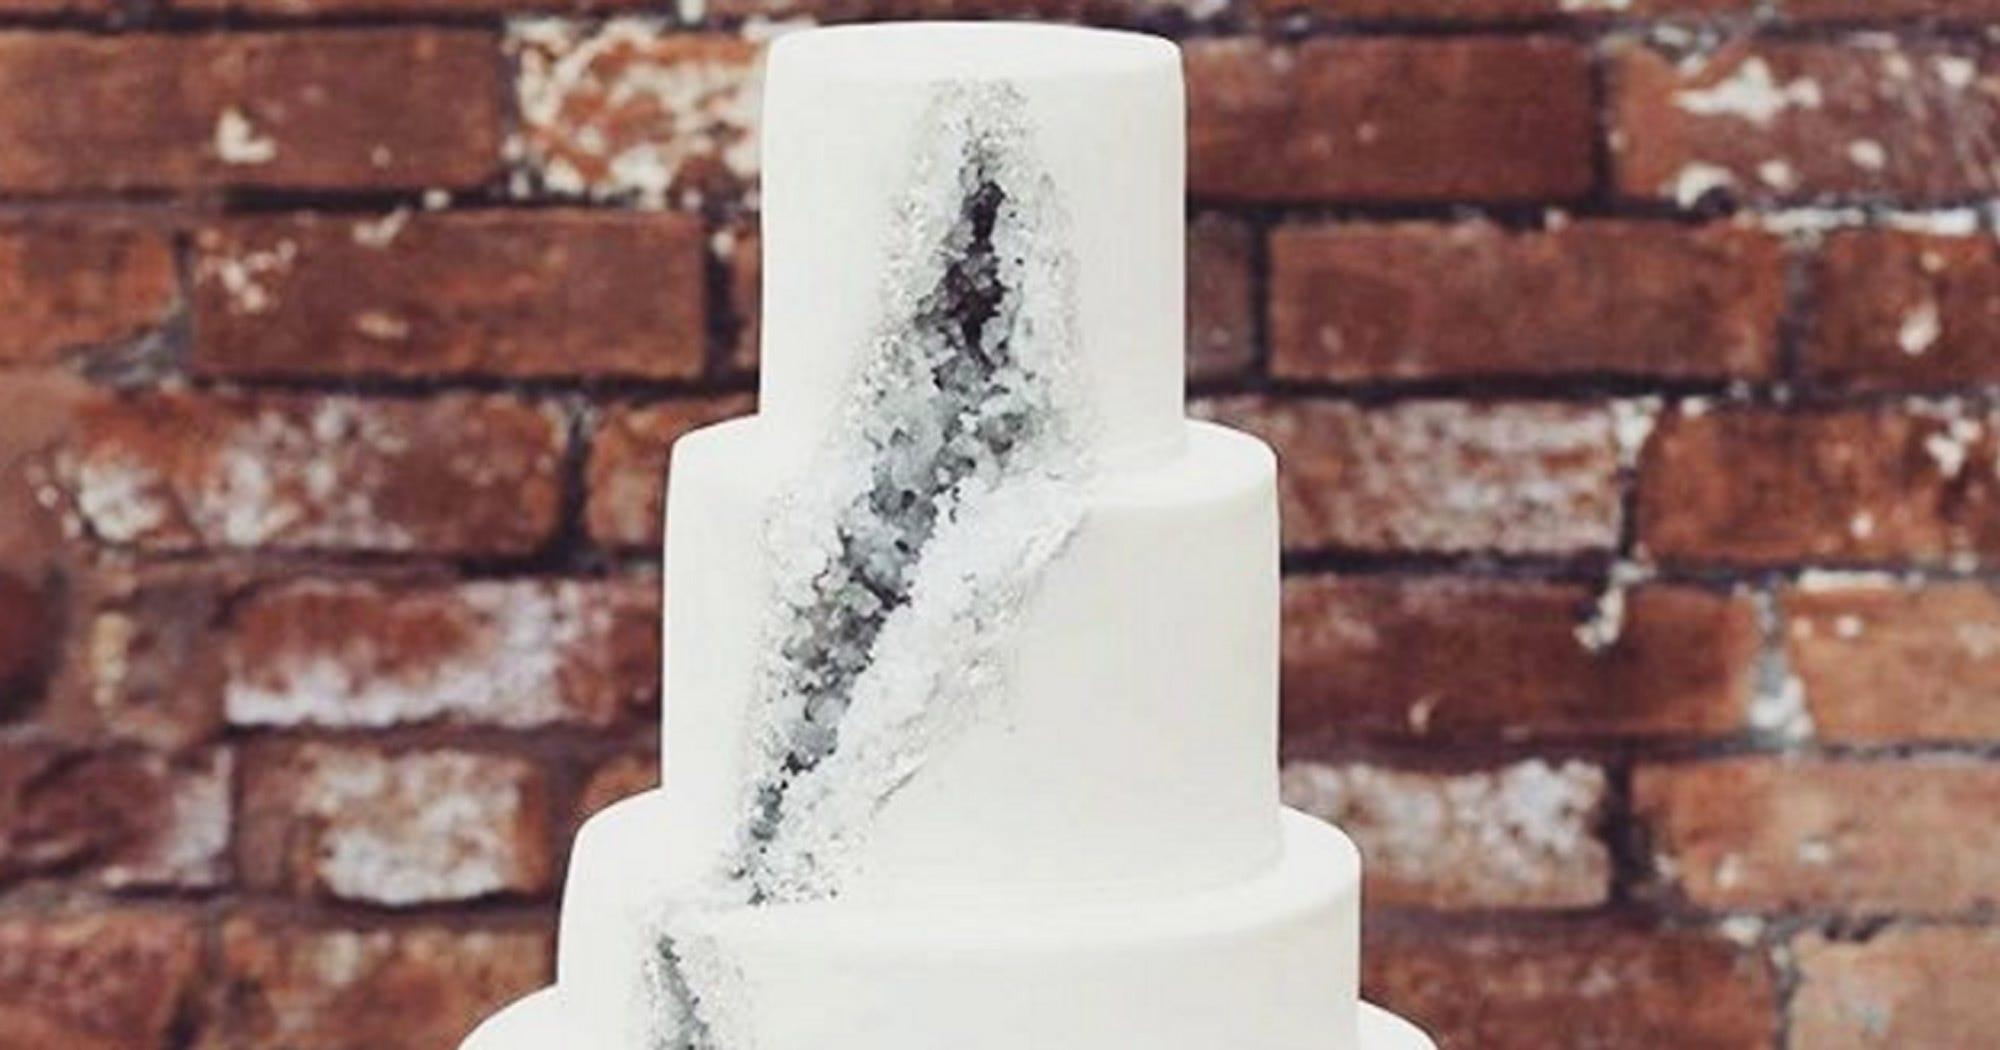 Geode Wedding Cake.Geode Cake Beautiful Wedding Cake Design